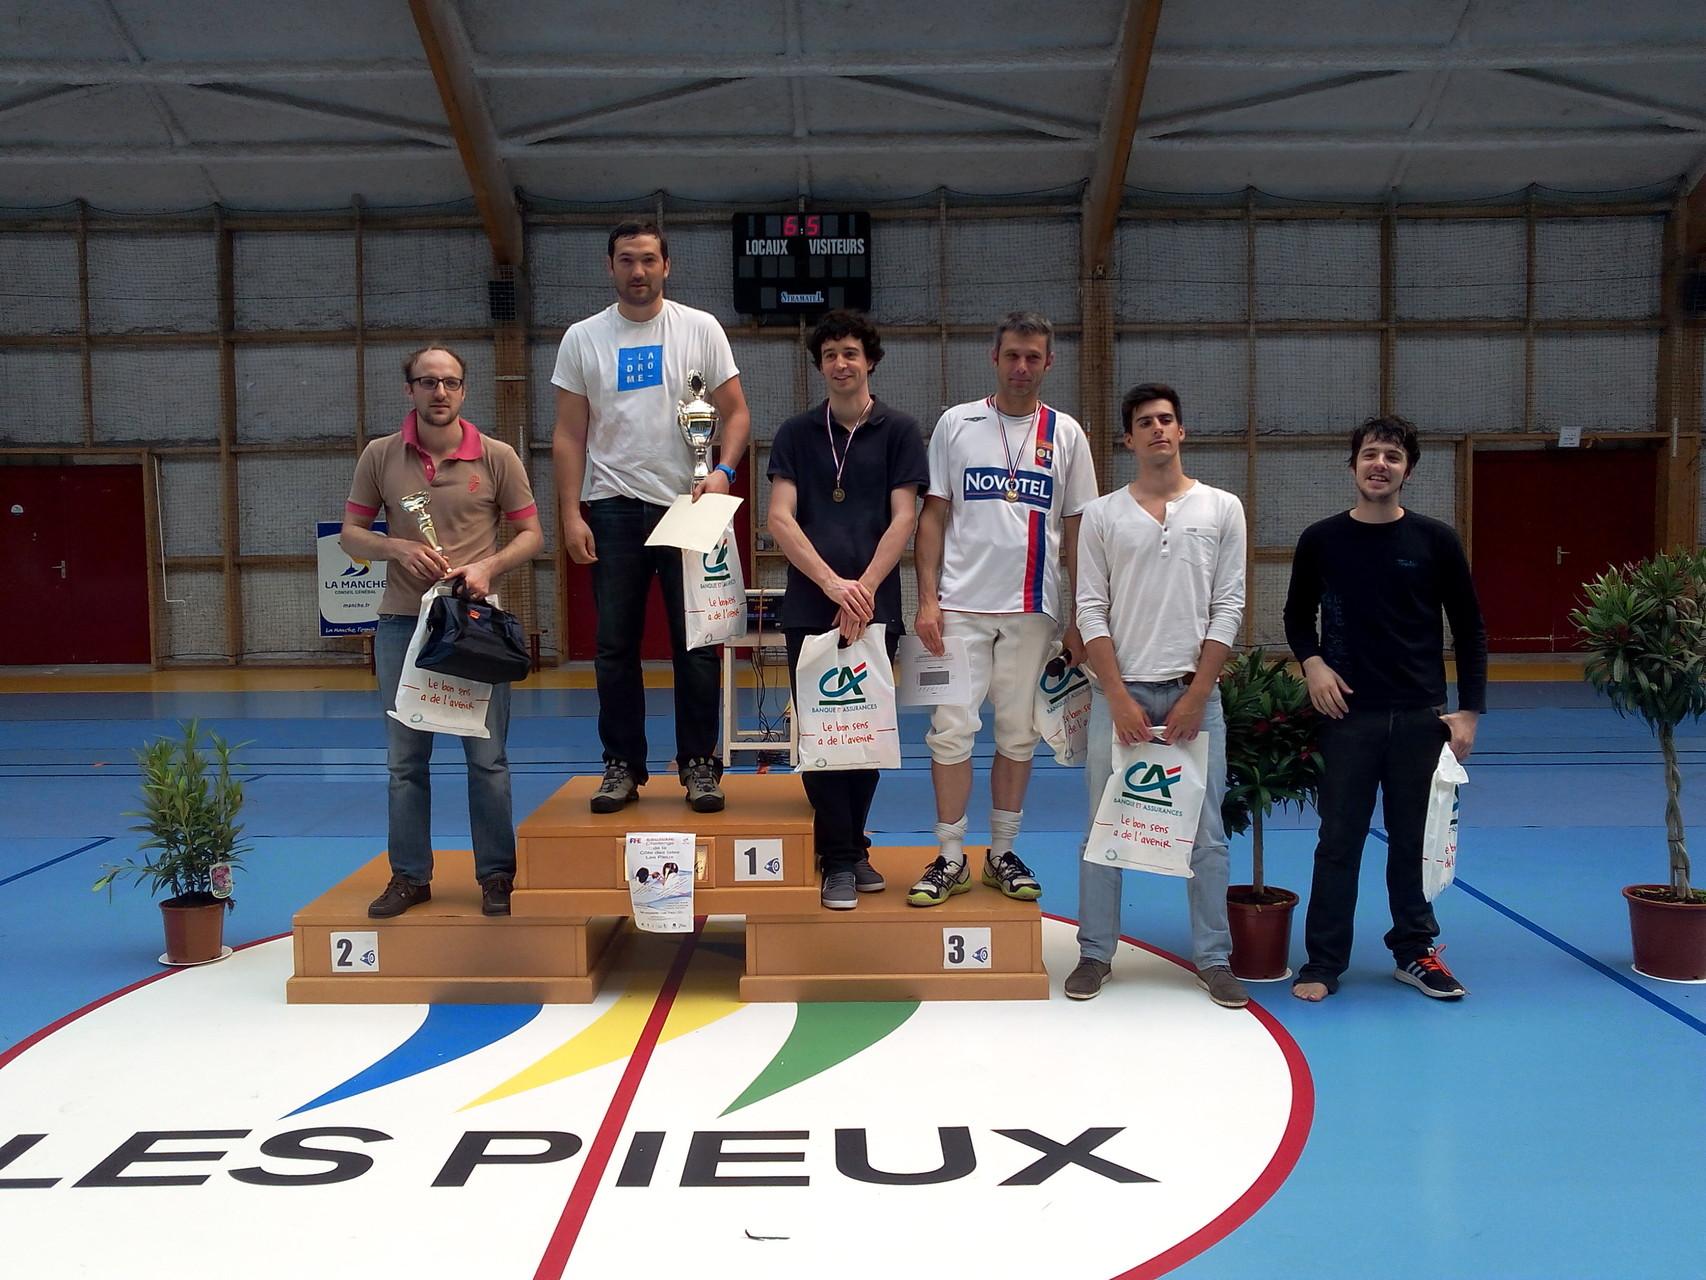 podium fleuret homme sénior. Triplé avec MAZEL Romain (1), VIVARES Vincent (2) et RABAY Mickaël (3)